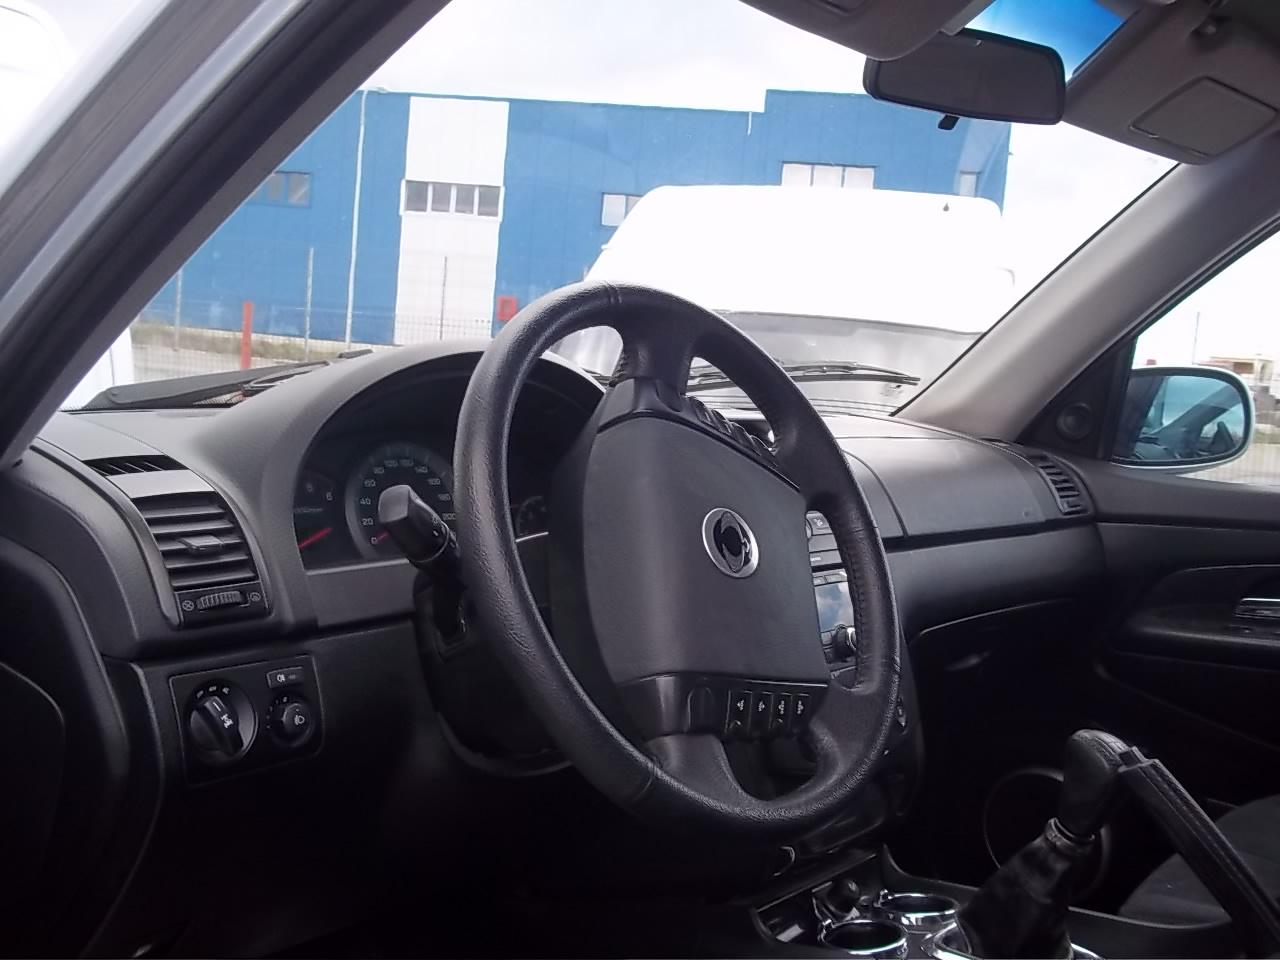 Dezmembrez Ssang-Yong Rexton 2003 Diesel SUV - 04 Ianuarie 2013 - Poza 2